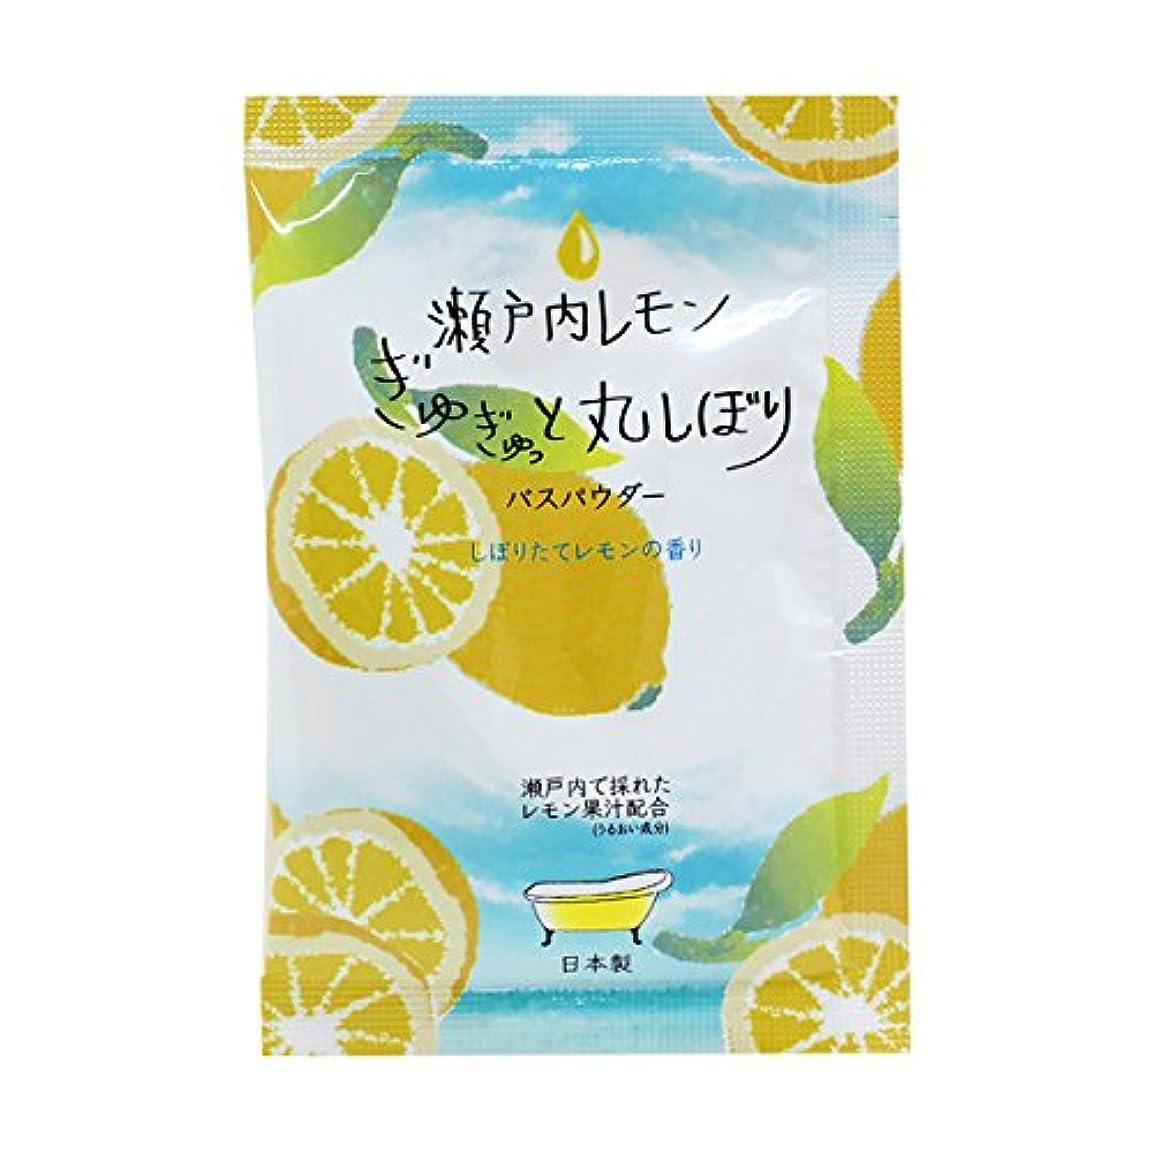 リクルートまぶしさわなハーバルエクストラ リッチバスパウダー 「瀬戸内レモンの香り」30個